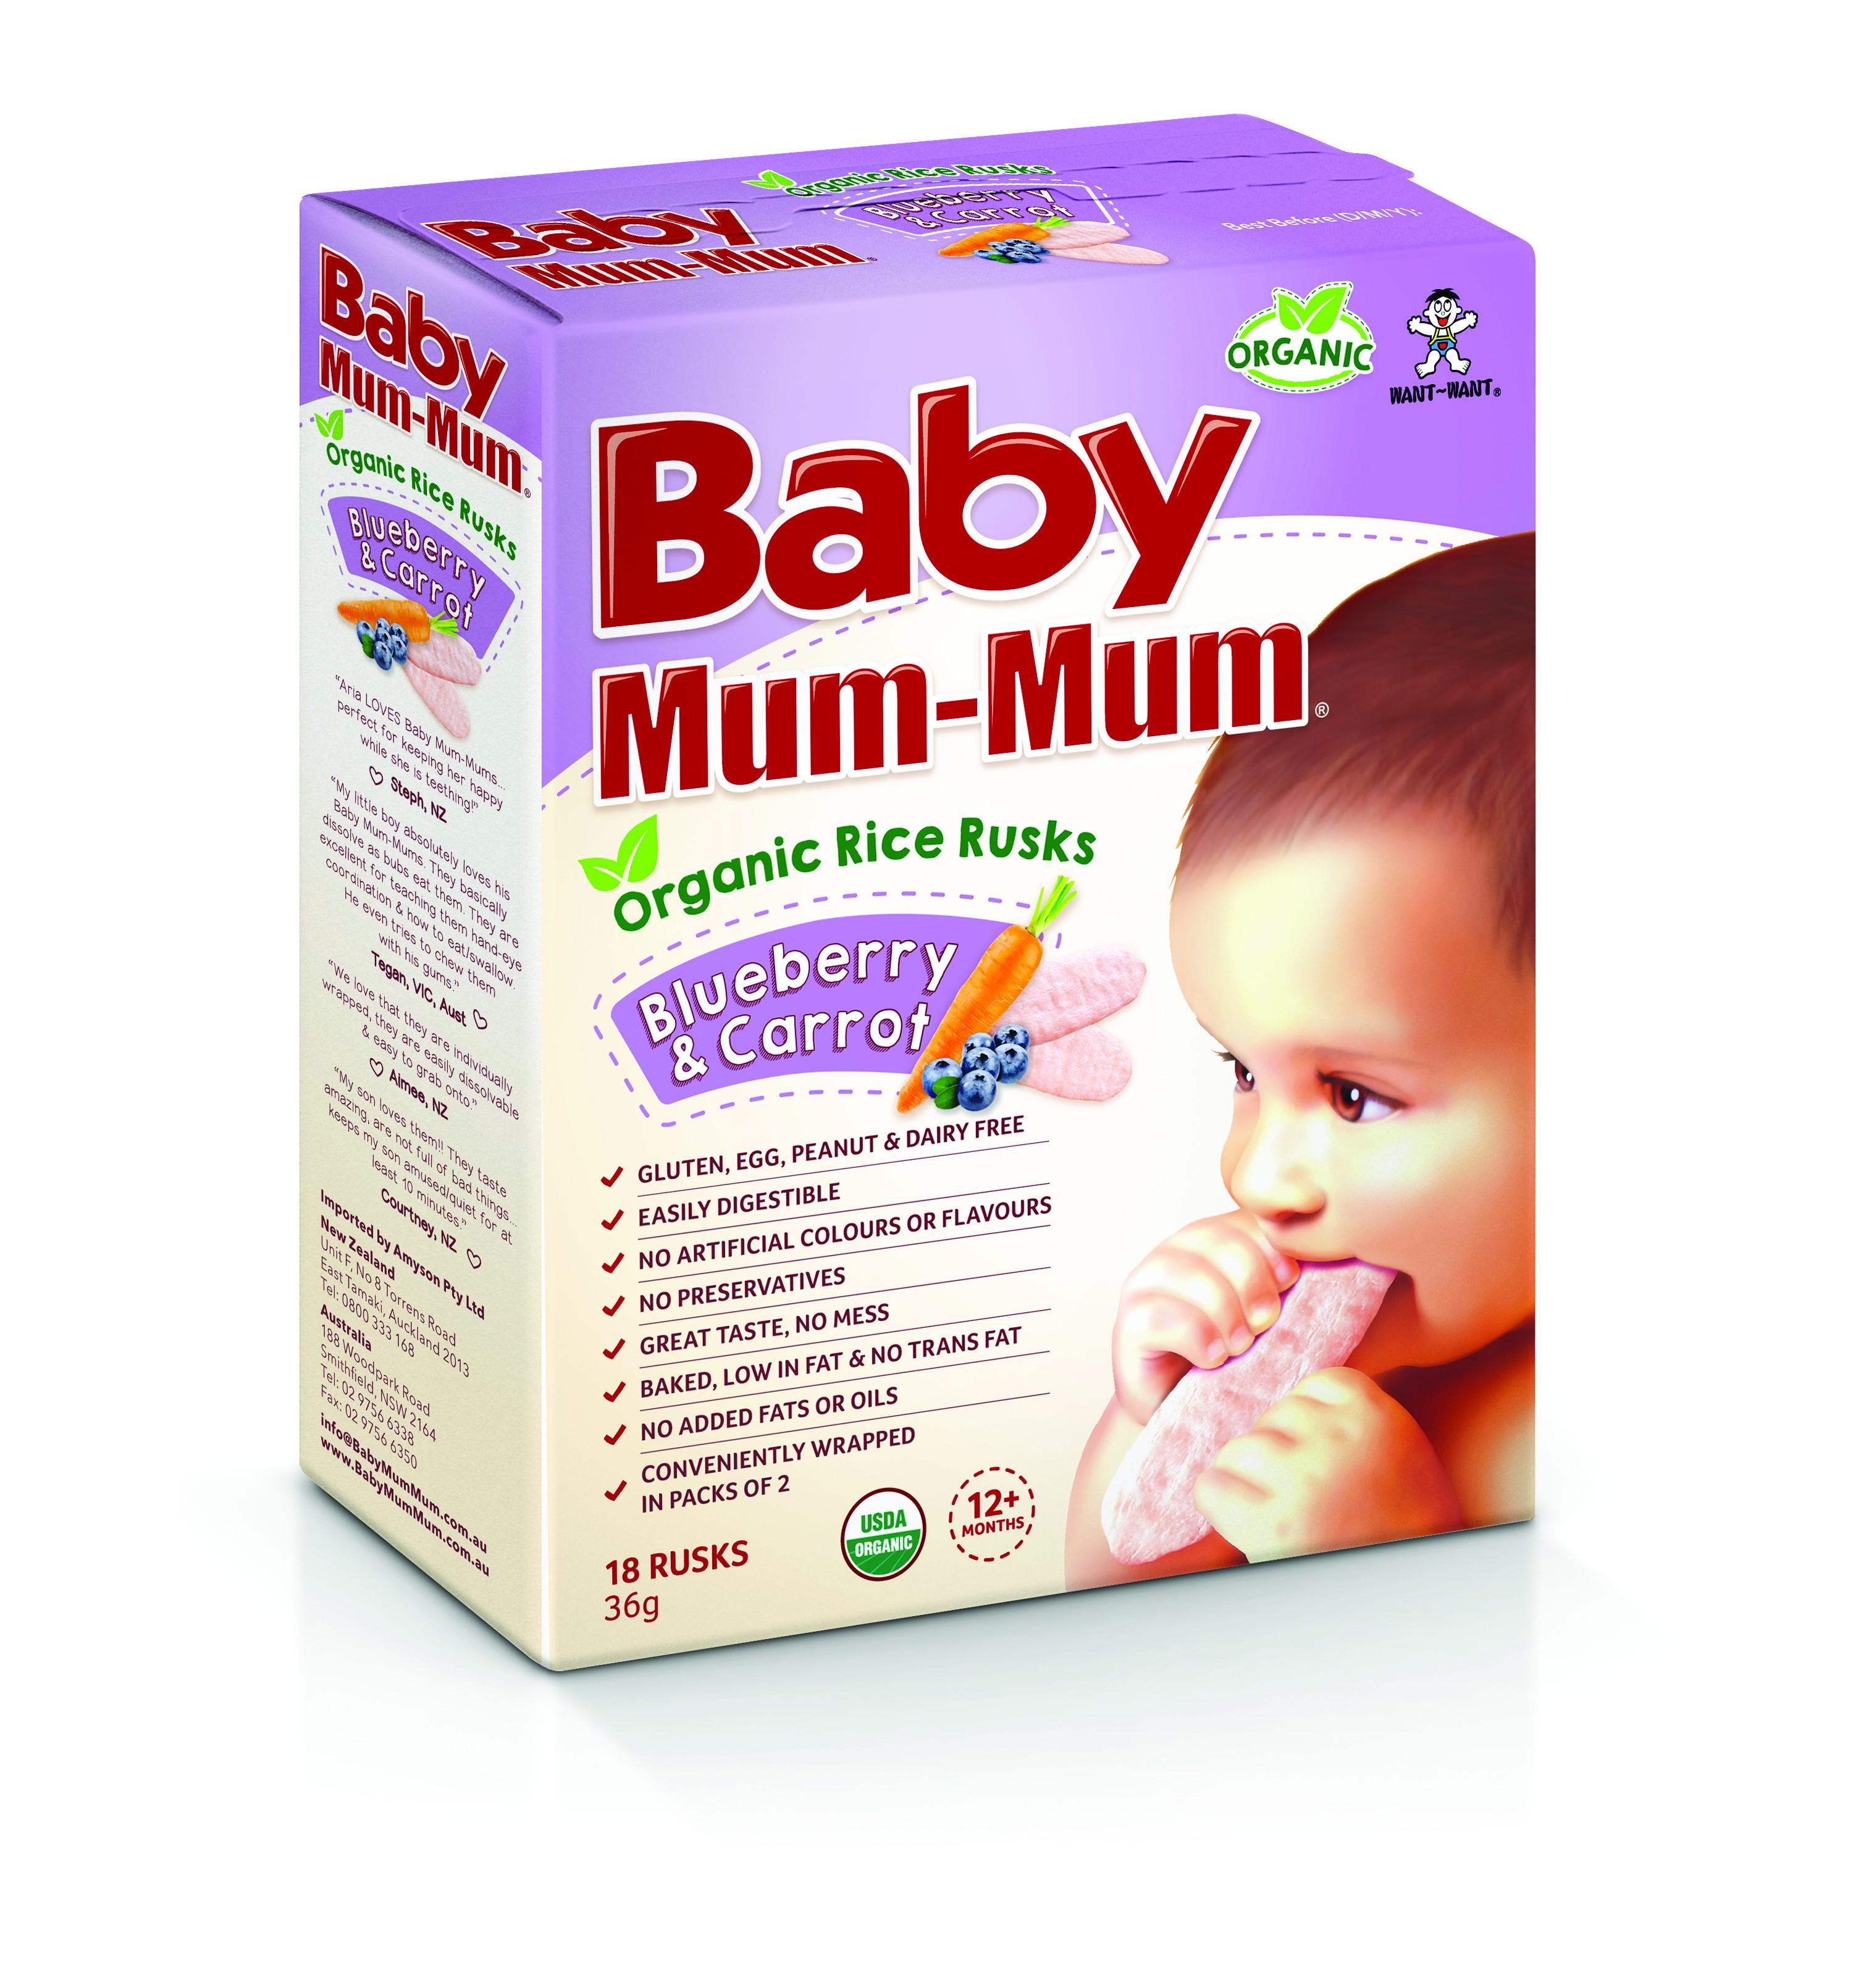 Baby Mum-Mum Organic Rice Rusks Blueberry & Carrot 36g